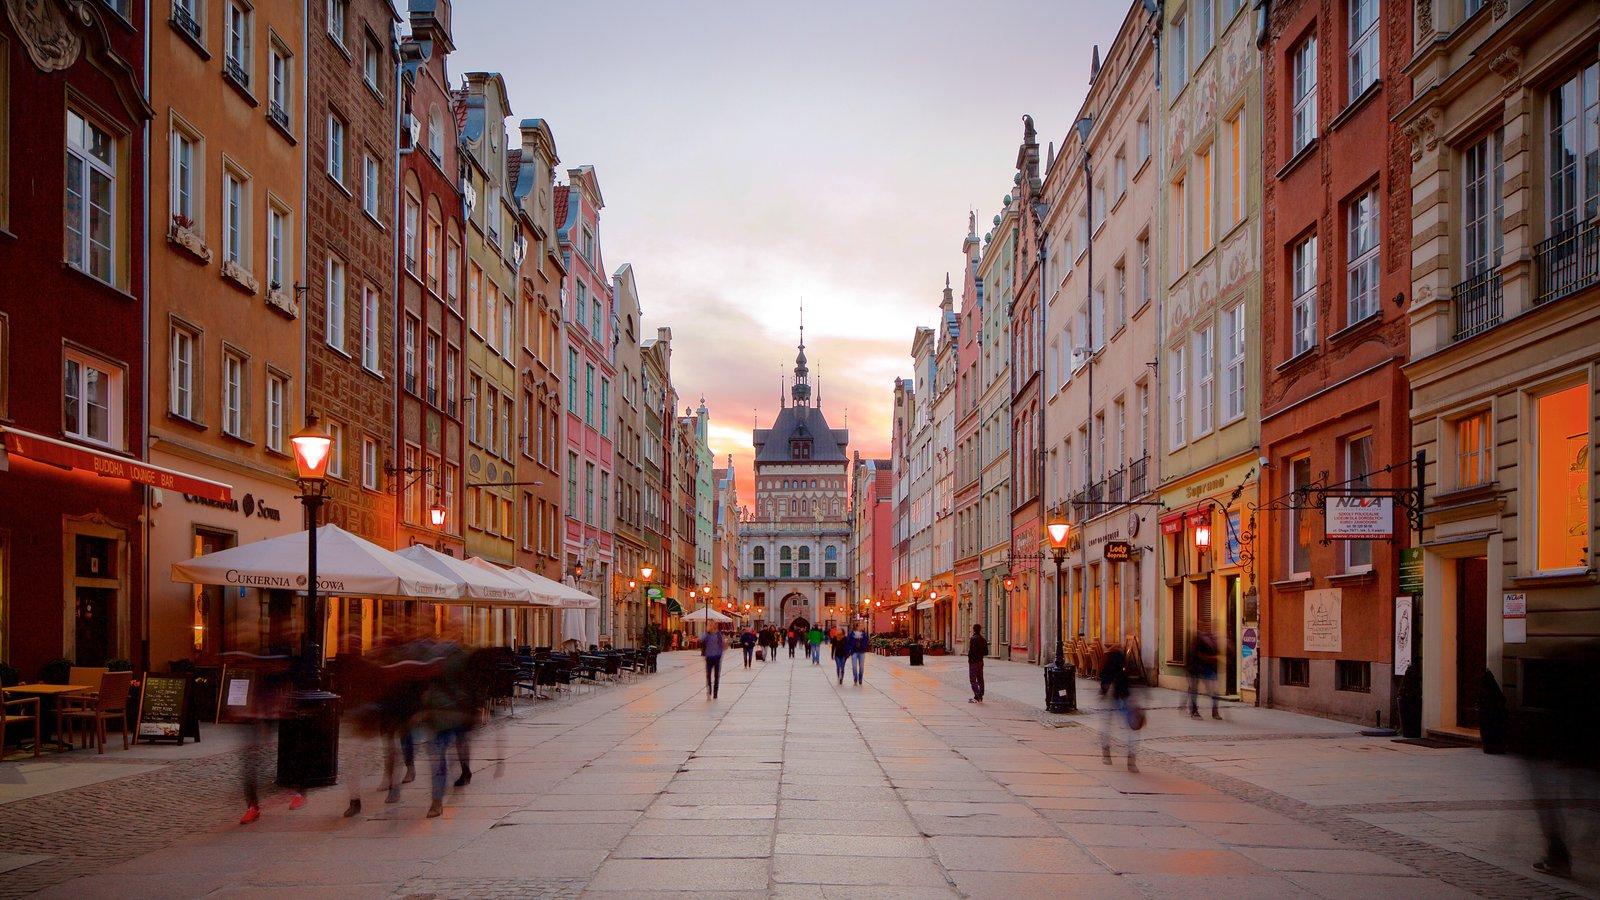 Gdansk mostrando um pôr do sol e cenas de rua